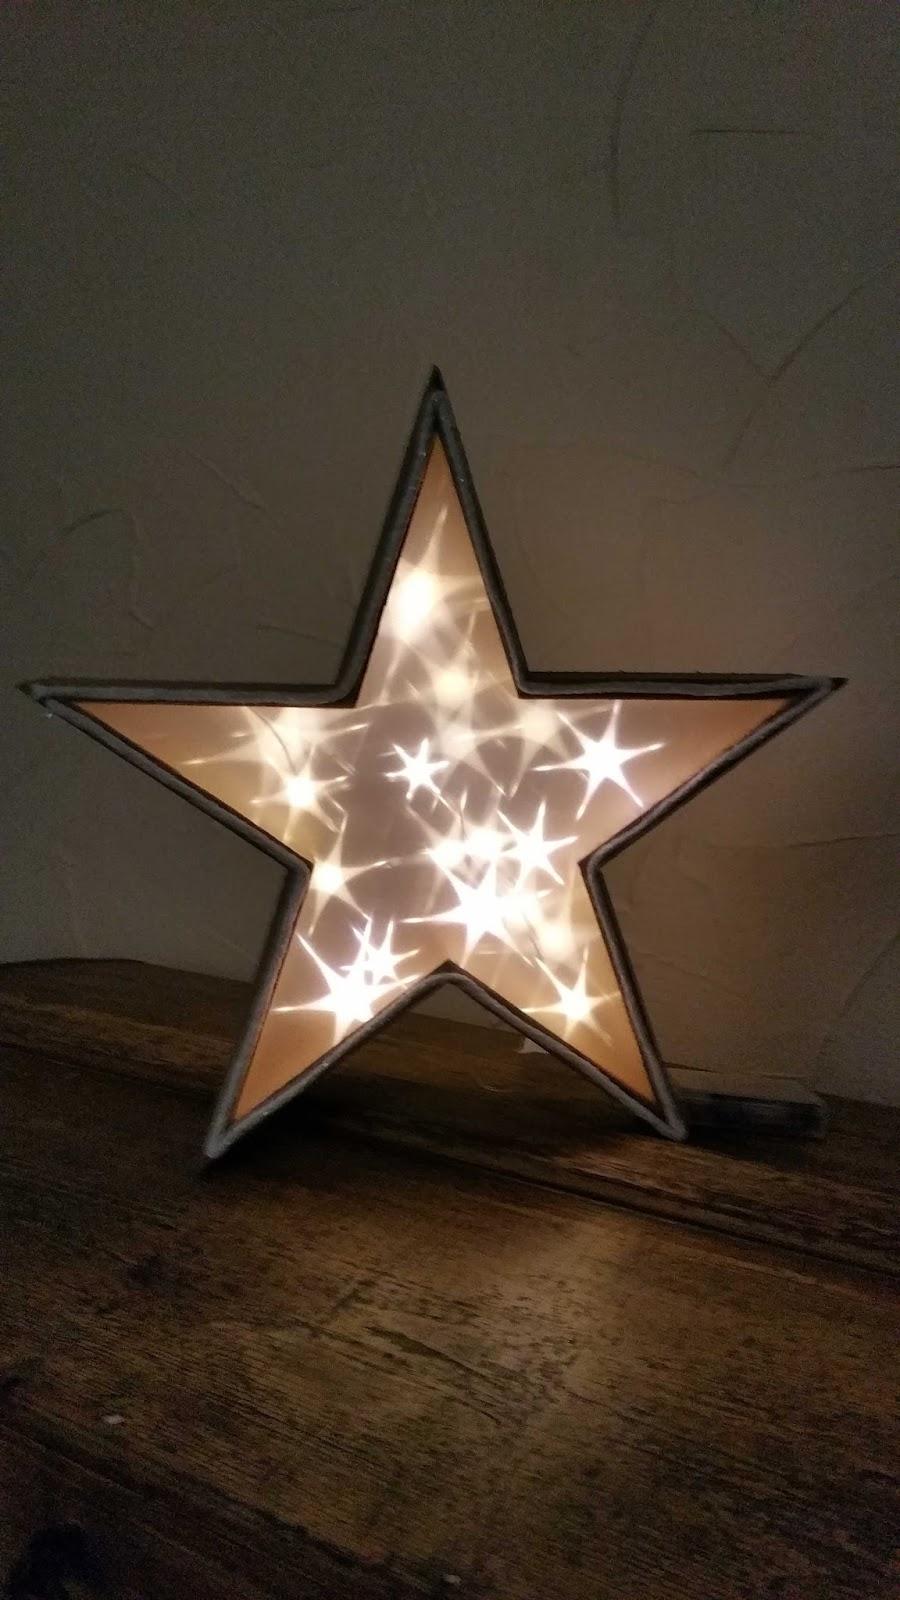 Basteln Macht Glucklich Lampenstern Weihnachsstern Basteln Mit 3d